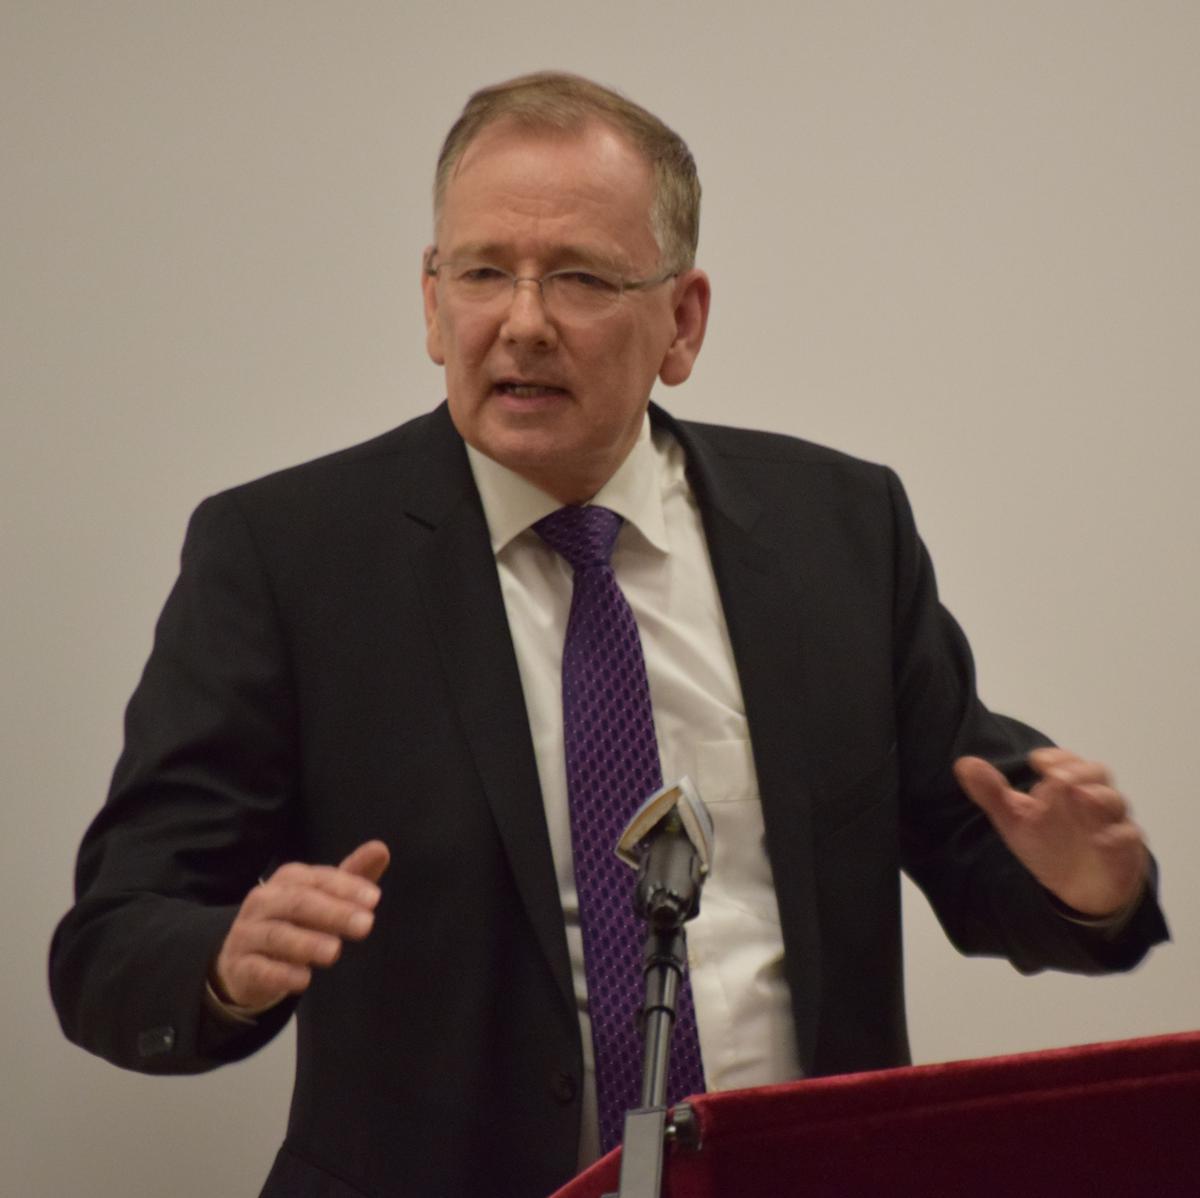 Gerhard Egger war als Bischof der Mormonengemeinde Innsbruck zusammen mit anderen religiösen Repräsentanten zur Feier eingeladen und richtete eine Grußadresse an die Versammelten.